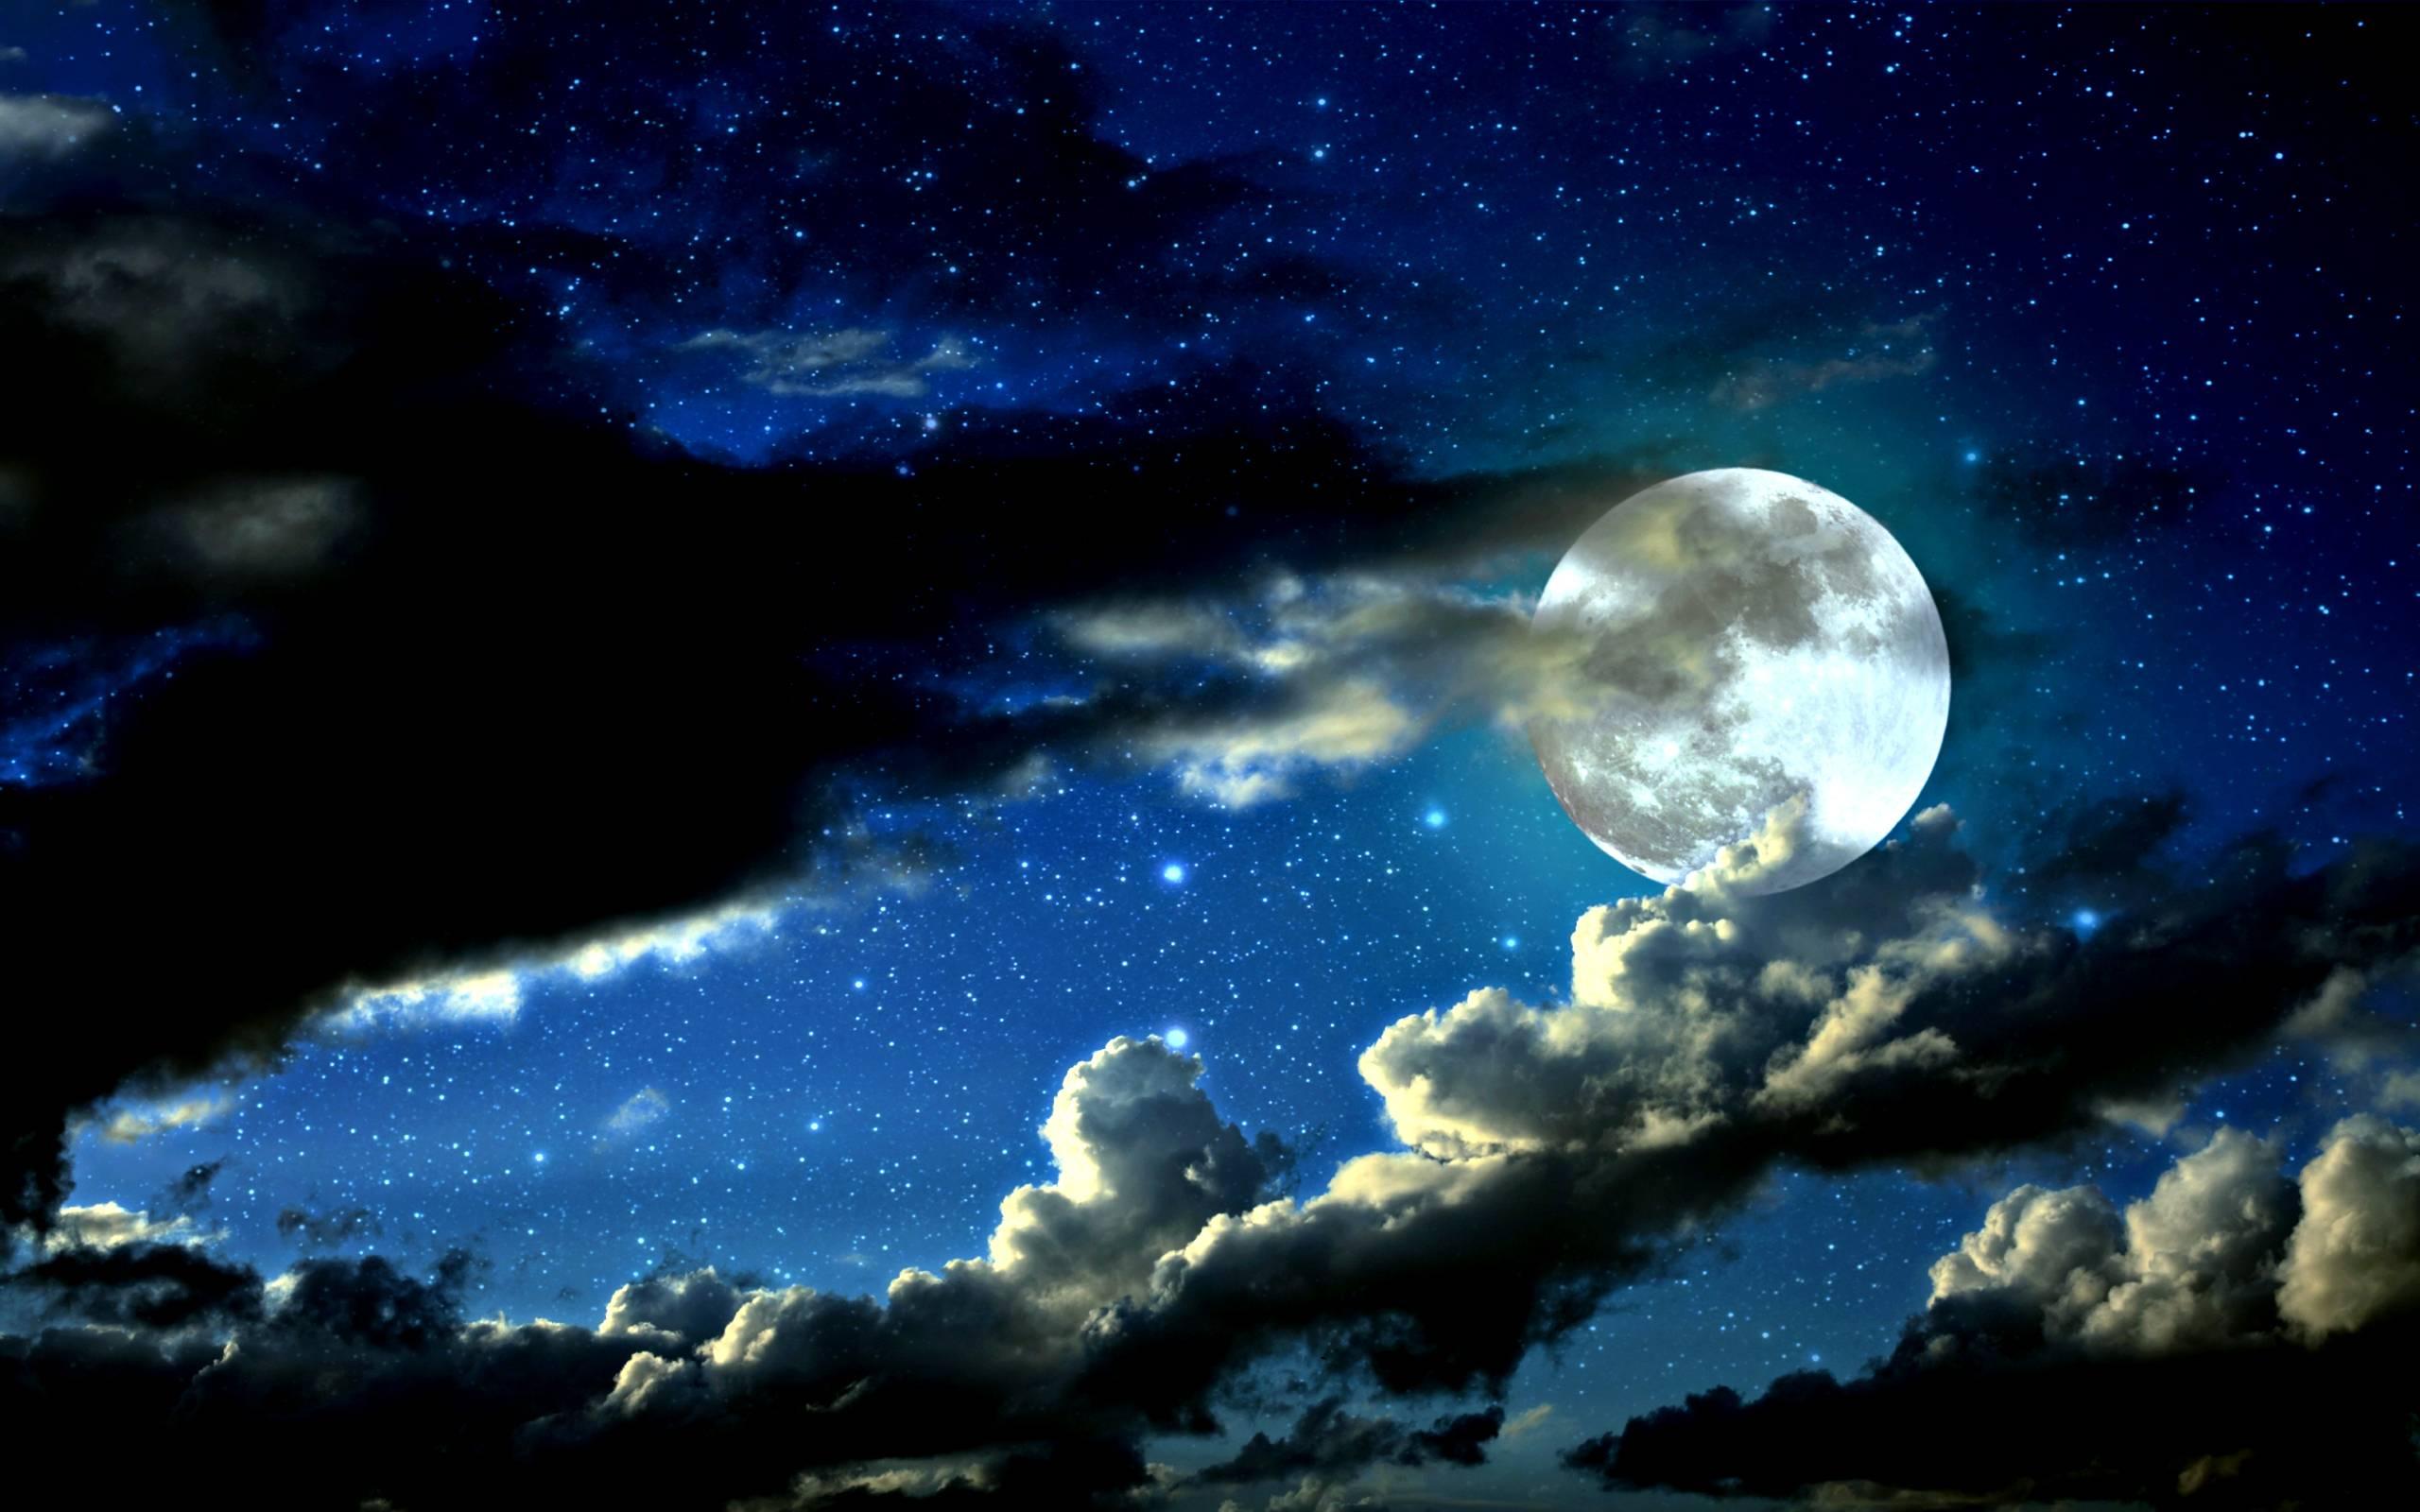 Ảnh mặt trăng sáng đẹp nhất